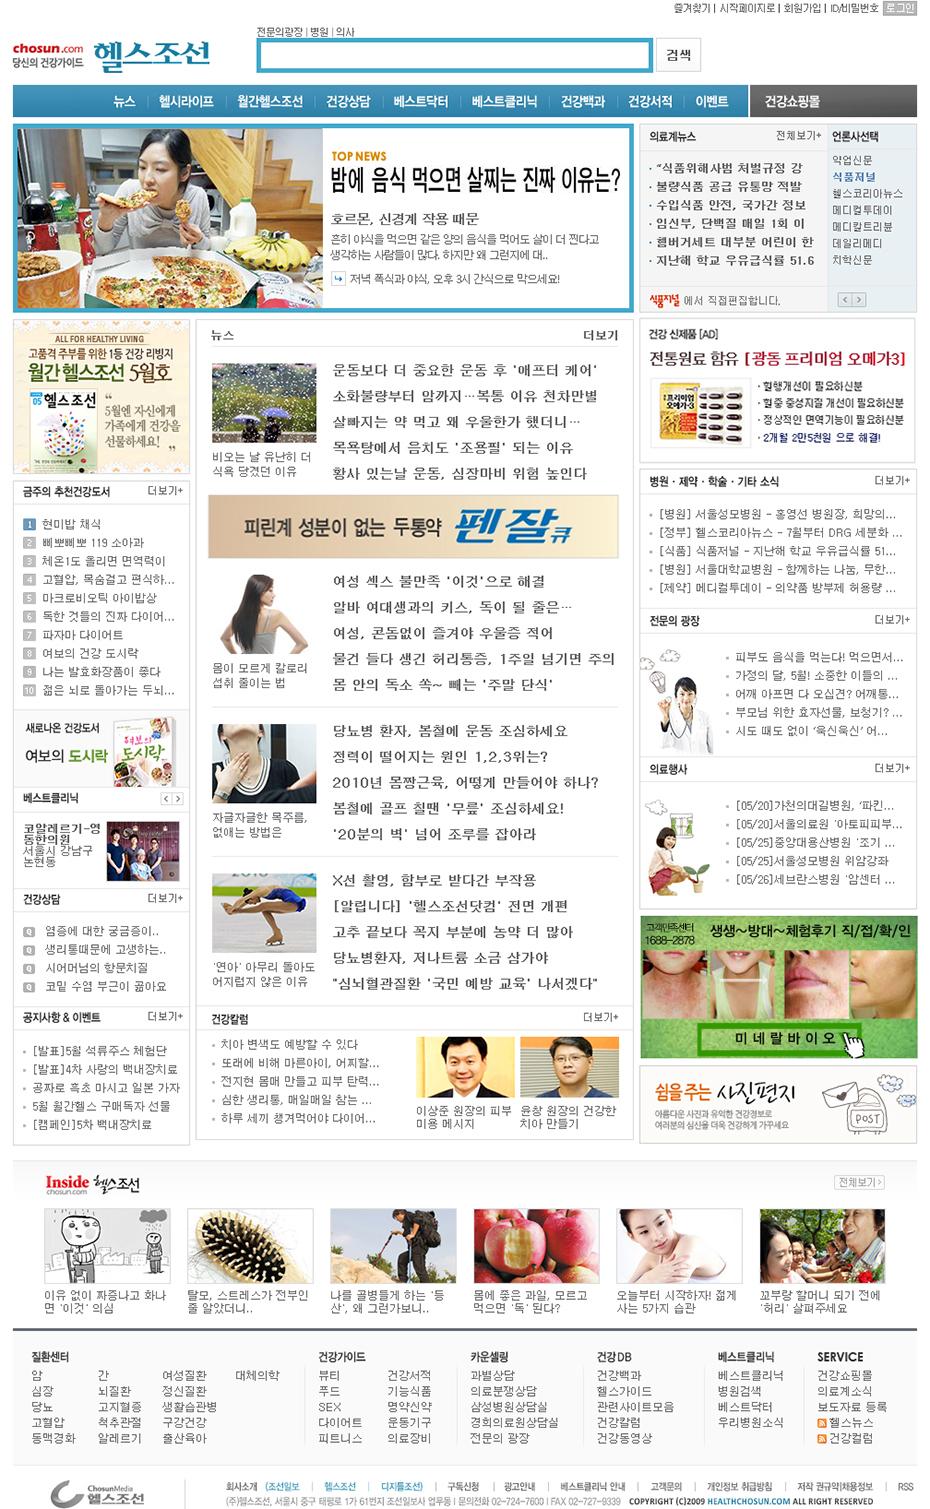 2010년 헬스조선 닷컴